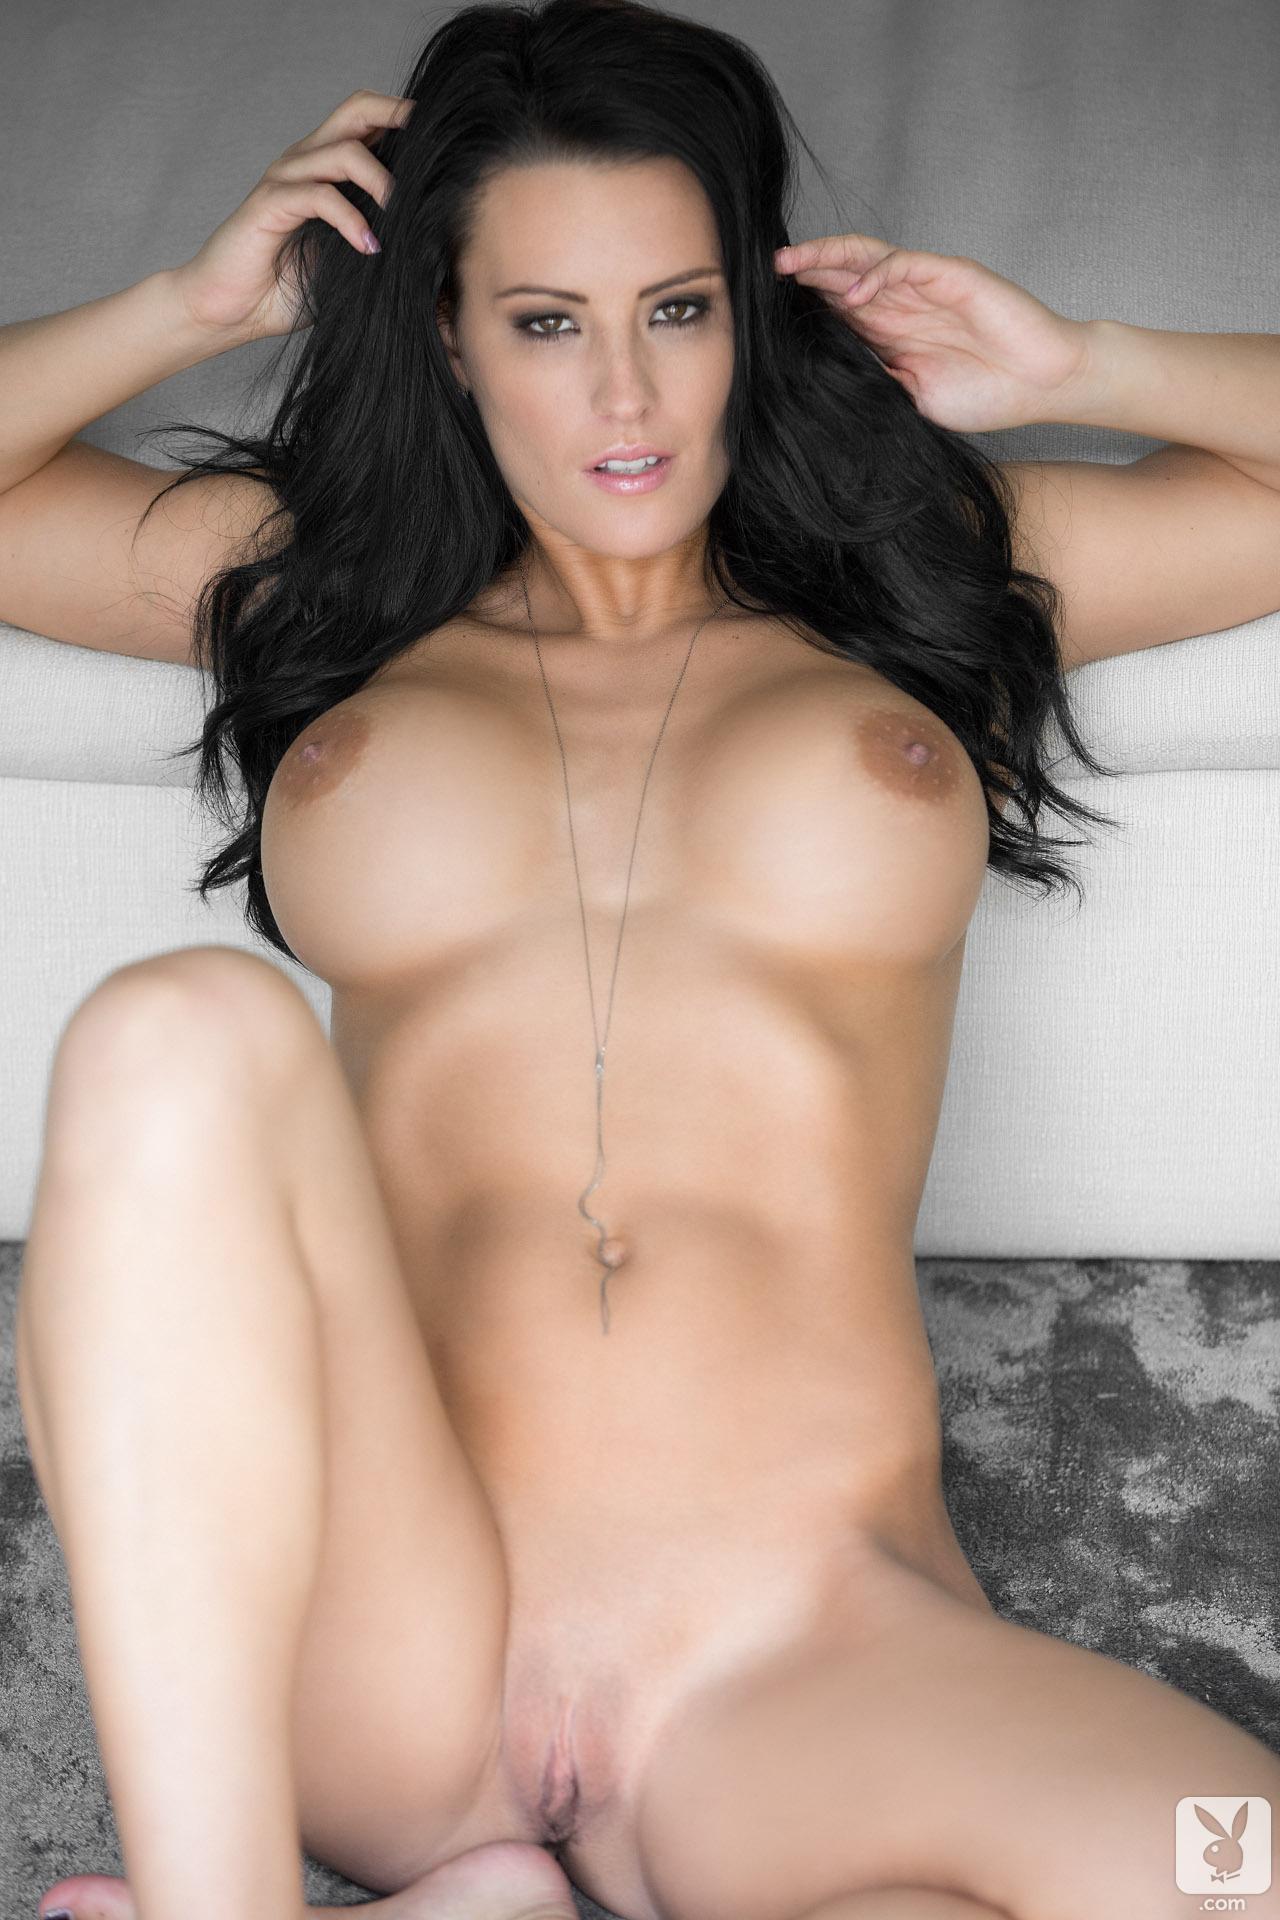 Fotos de desnudos de Colin Farrell filtradas en internet